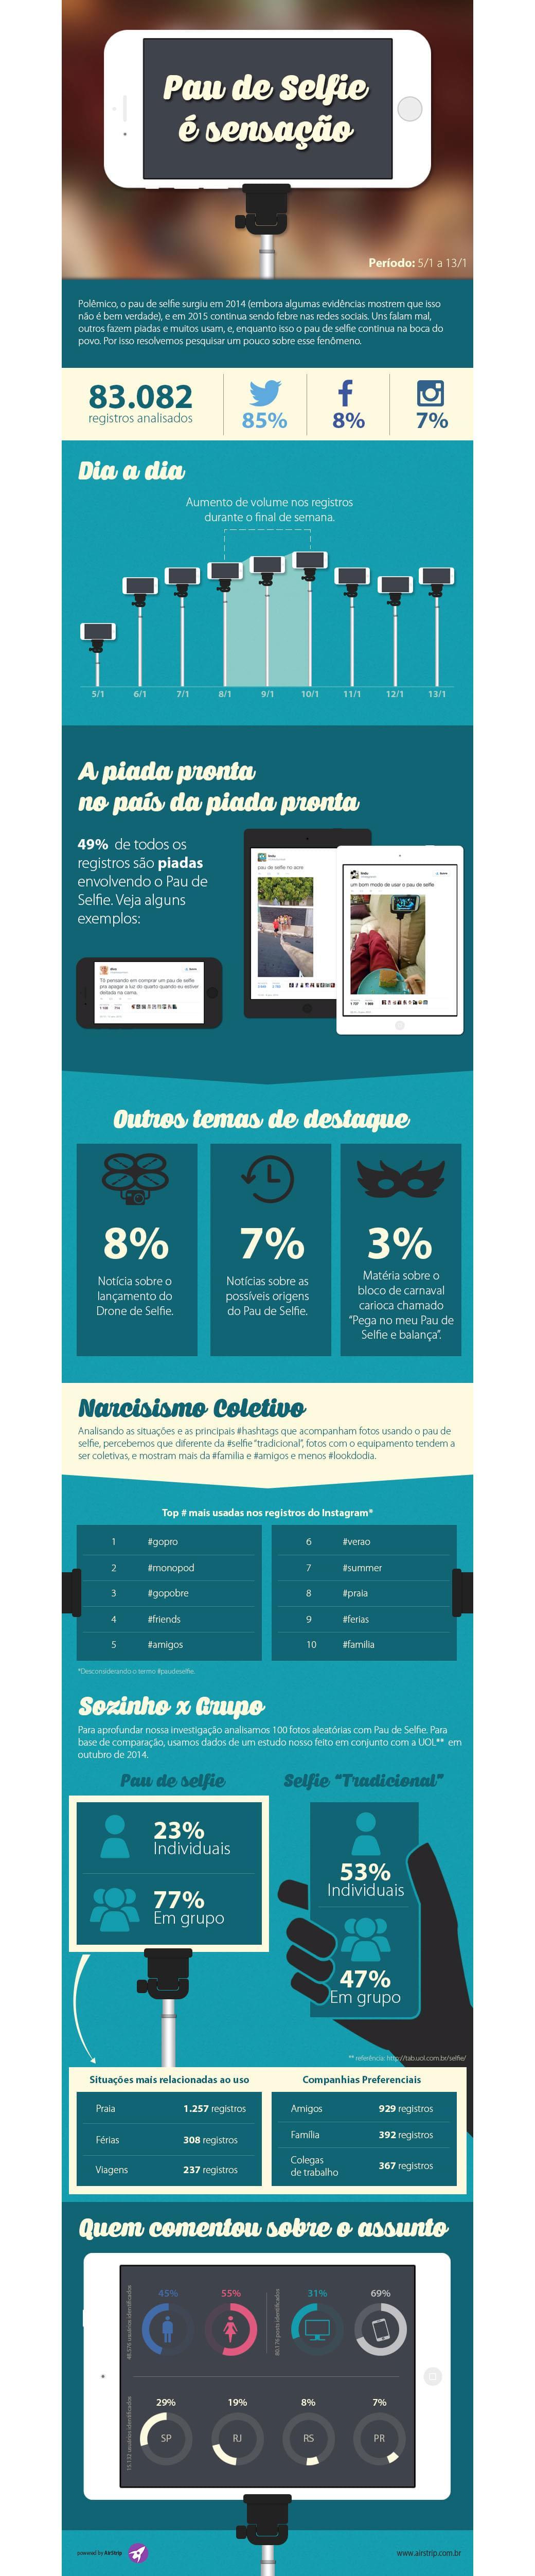 49% dos posts sobre pau de selfie nas redes sociais são piadas